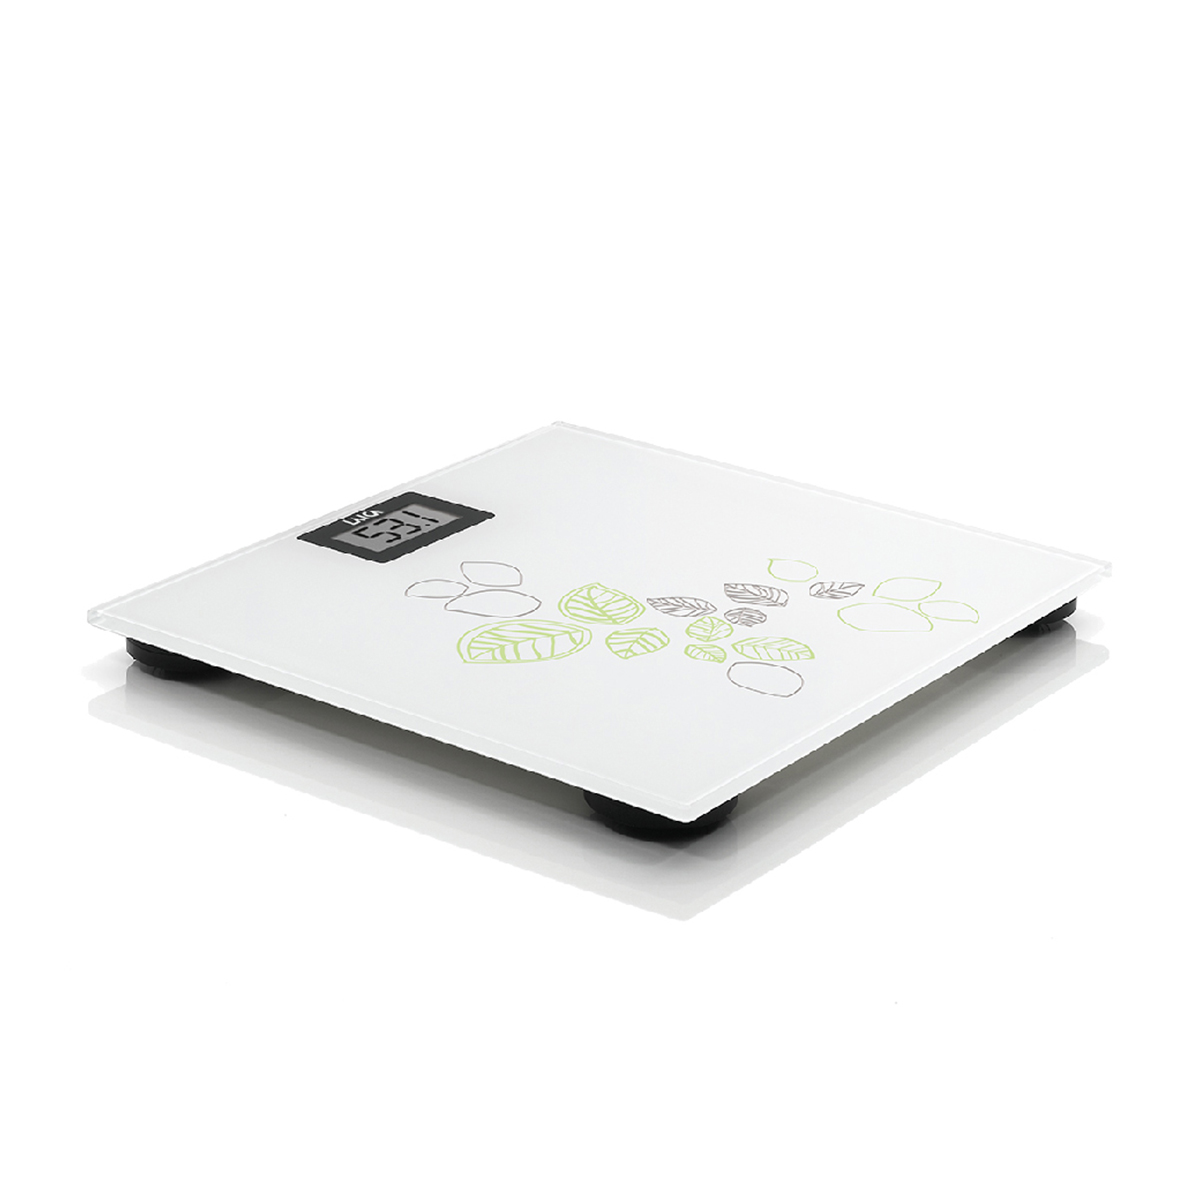 【三色基本款】電子體重秤-自然葉片風 1